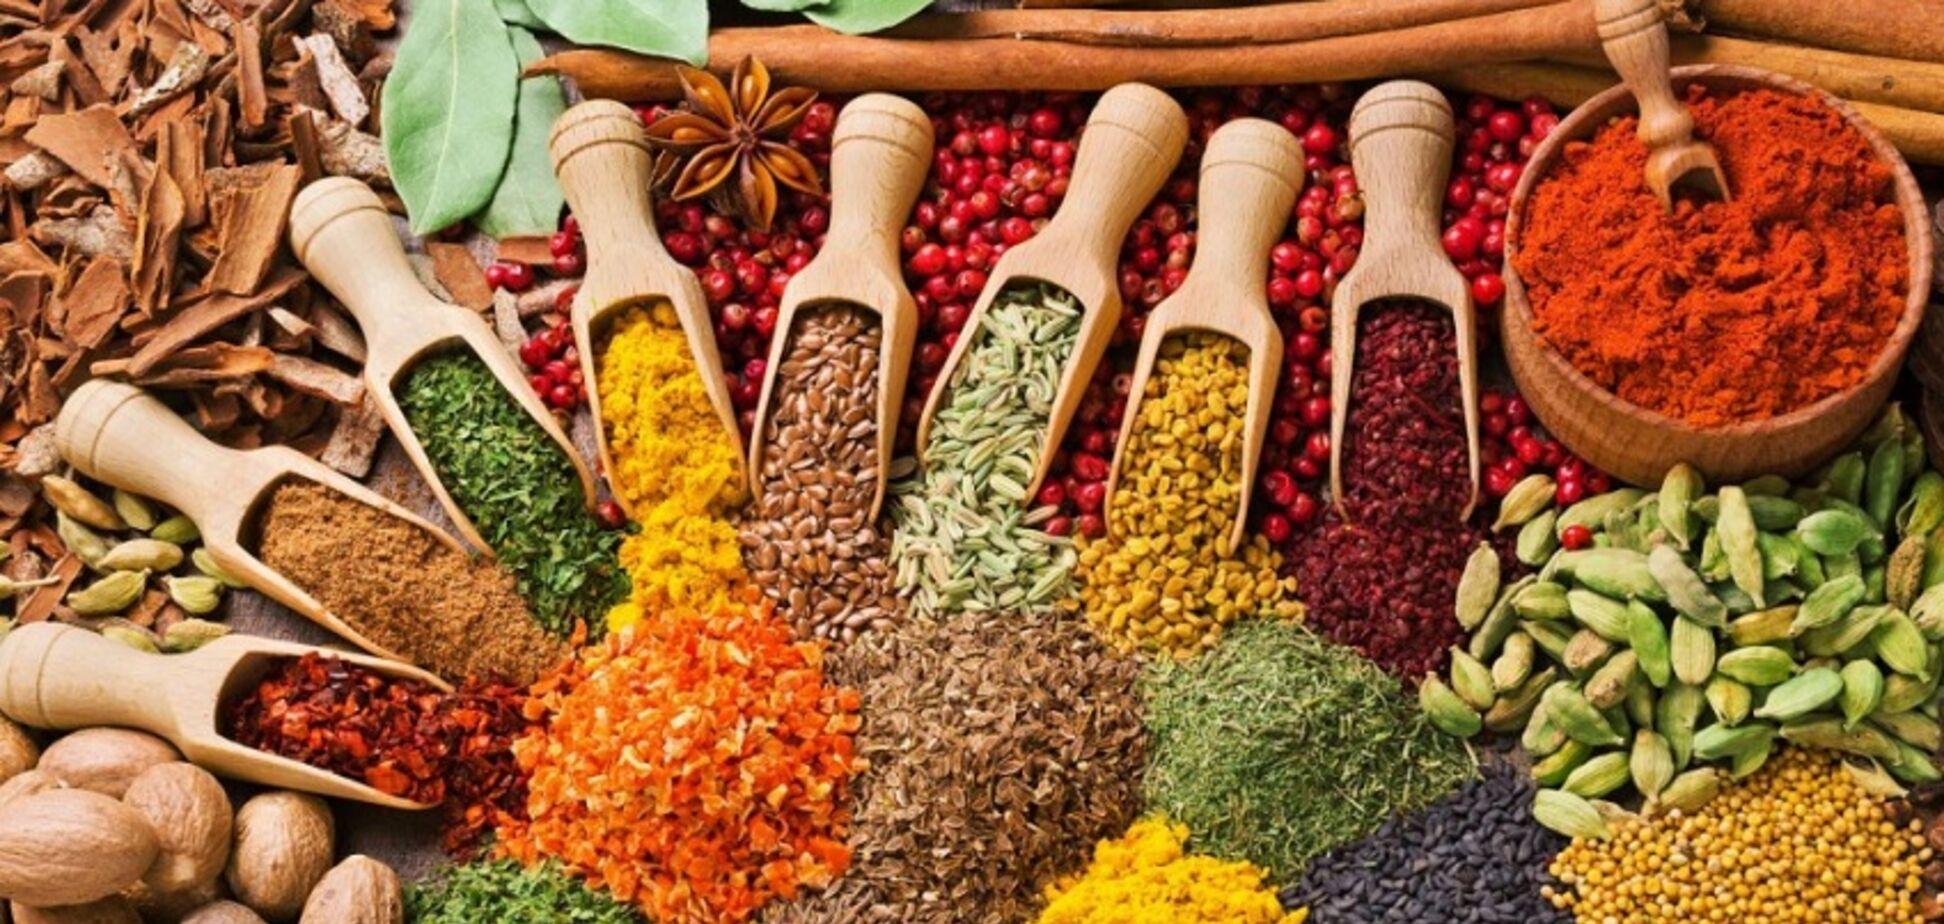 Пряная пища укрепляет иммунитет